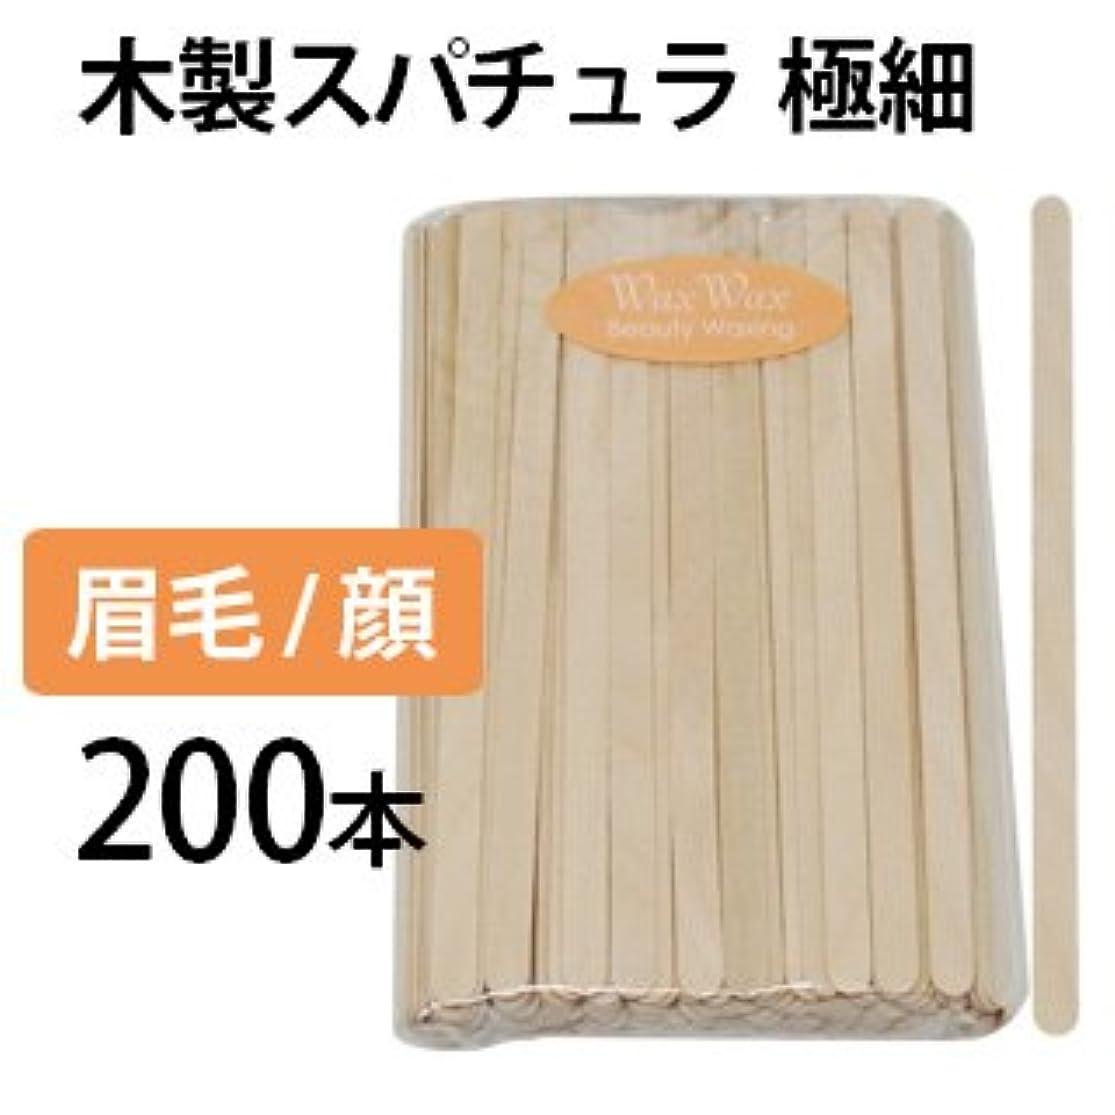 祭司手伝うアルコール眉毛 アイブロウ用スパチュラ 200本セット 極細 木製スパチュラ 使い捨て